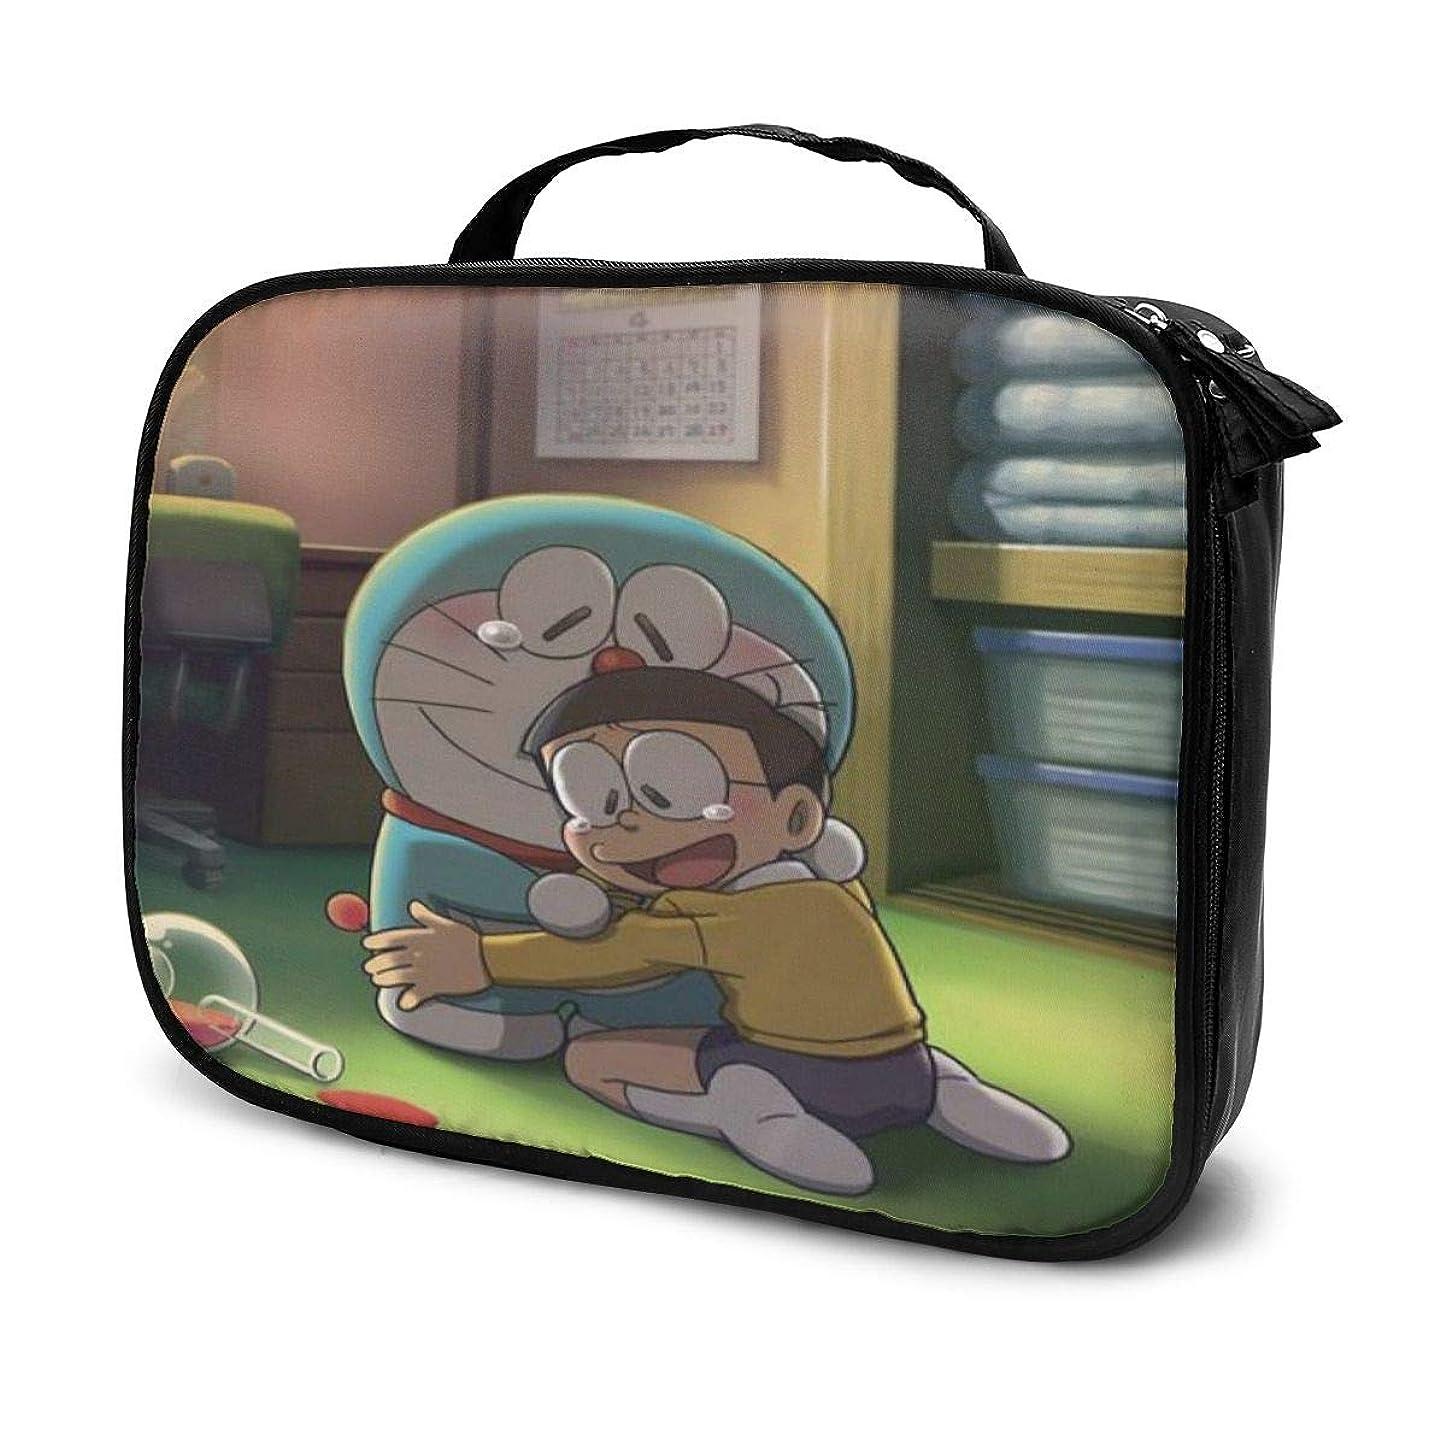 ヘビー不信睡眠Daituドラえもんと彼の人生 化粧品袋の女性旅行バッグ収納大容量防水アクセサリー旅行